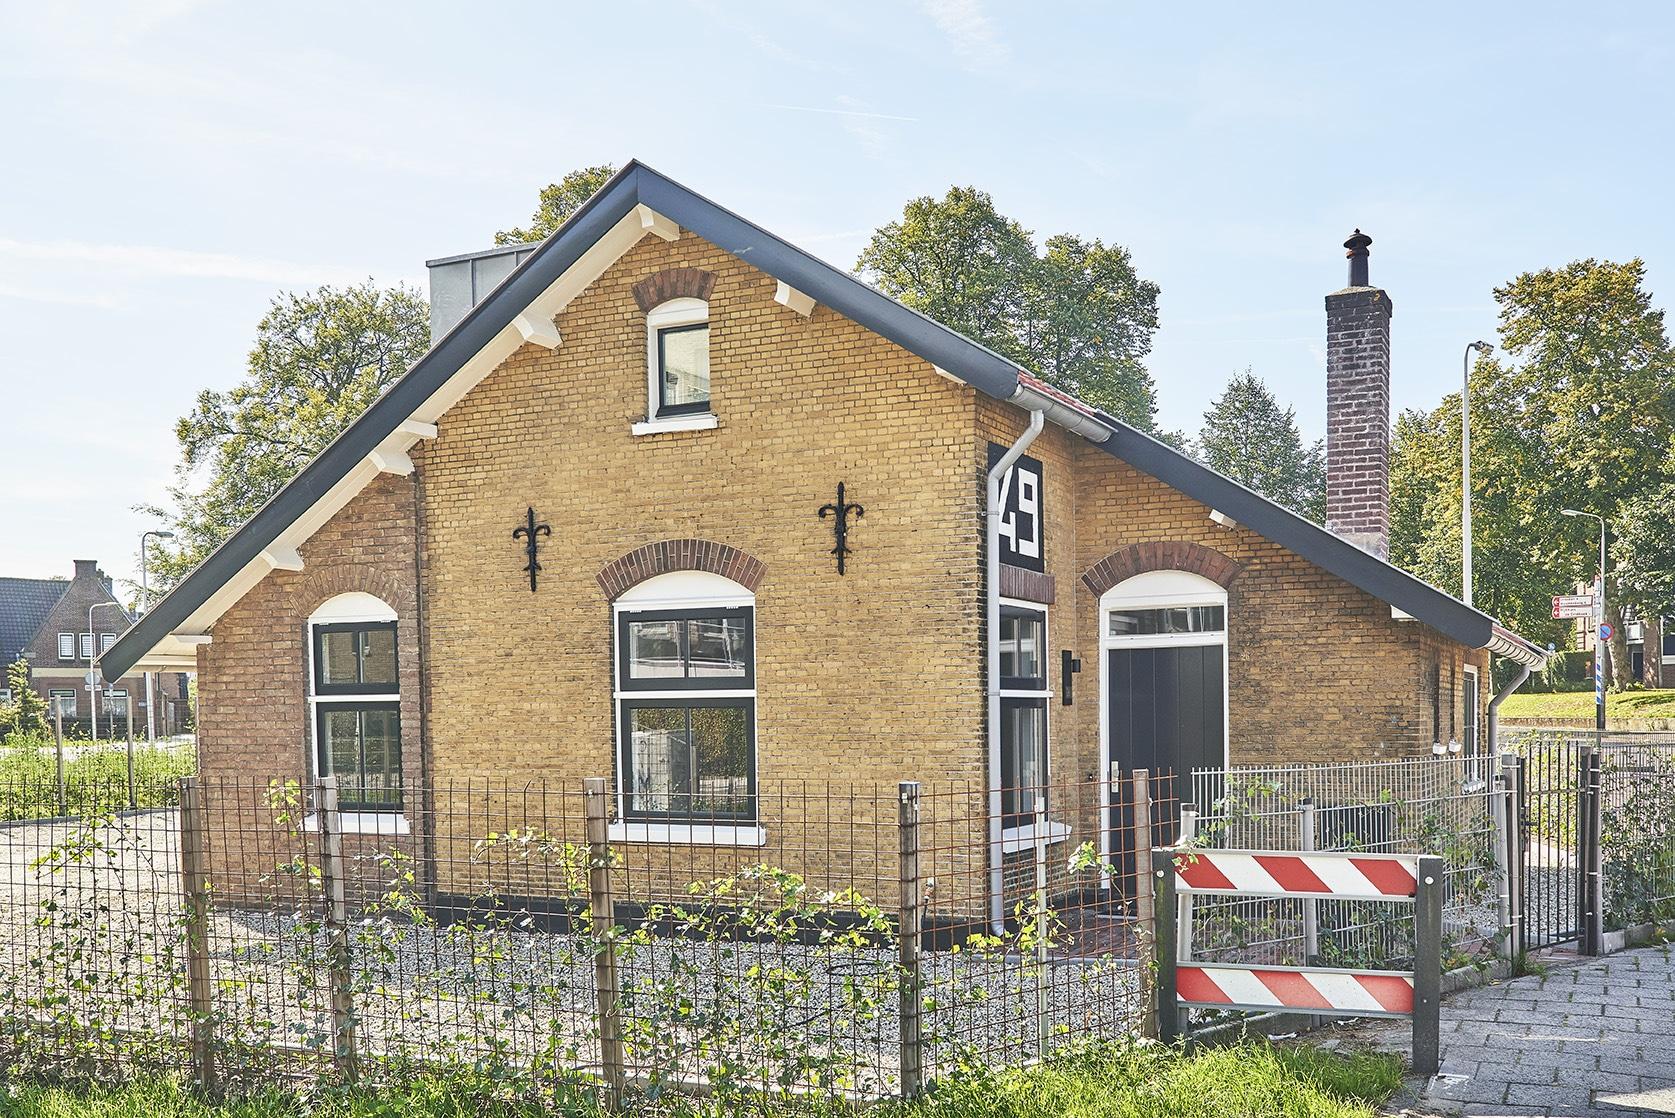 Kantoor van Anne Fem NVM Makelaardij aan de Leusderweg 26 in Amersfoort.